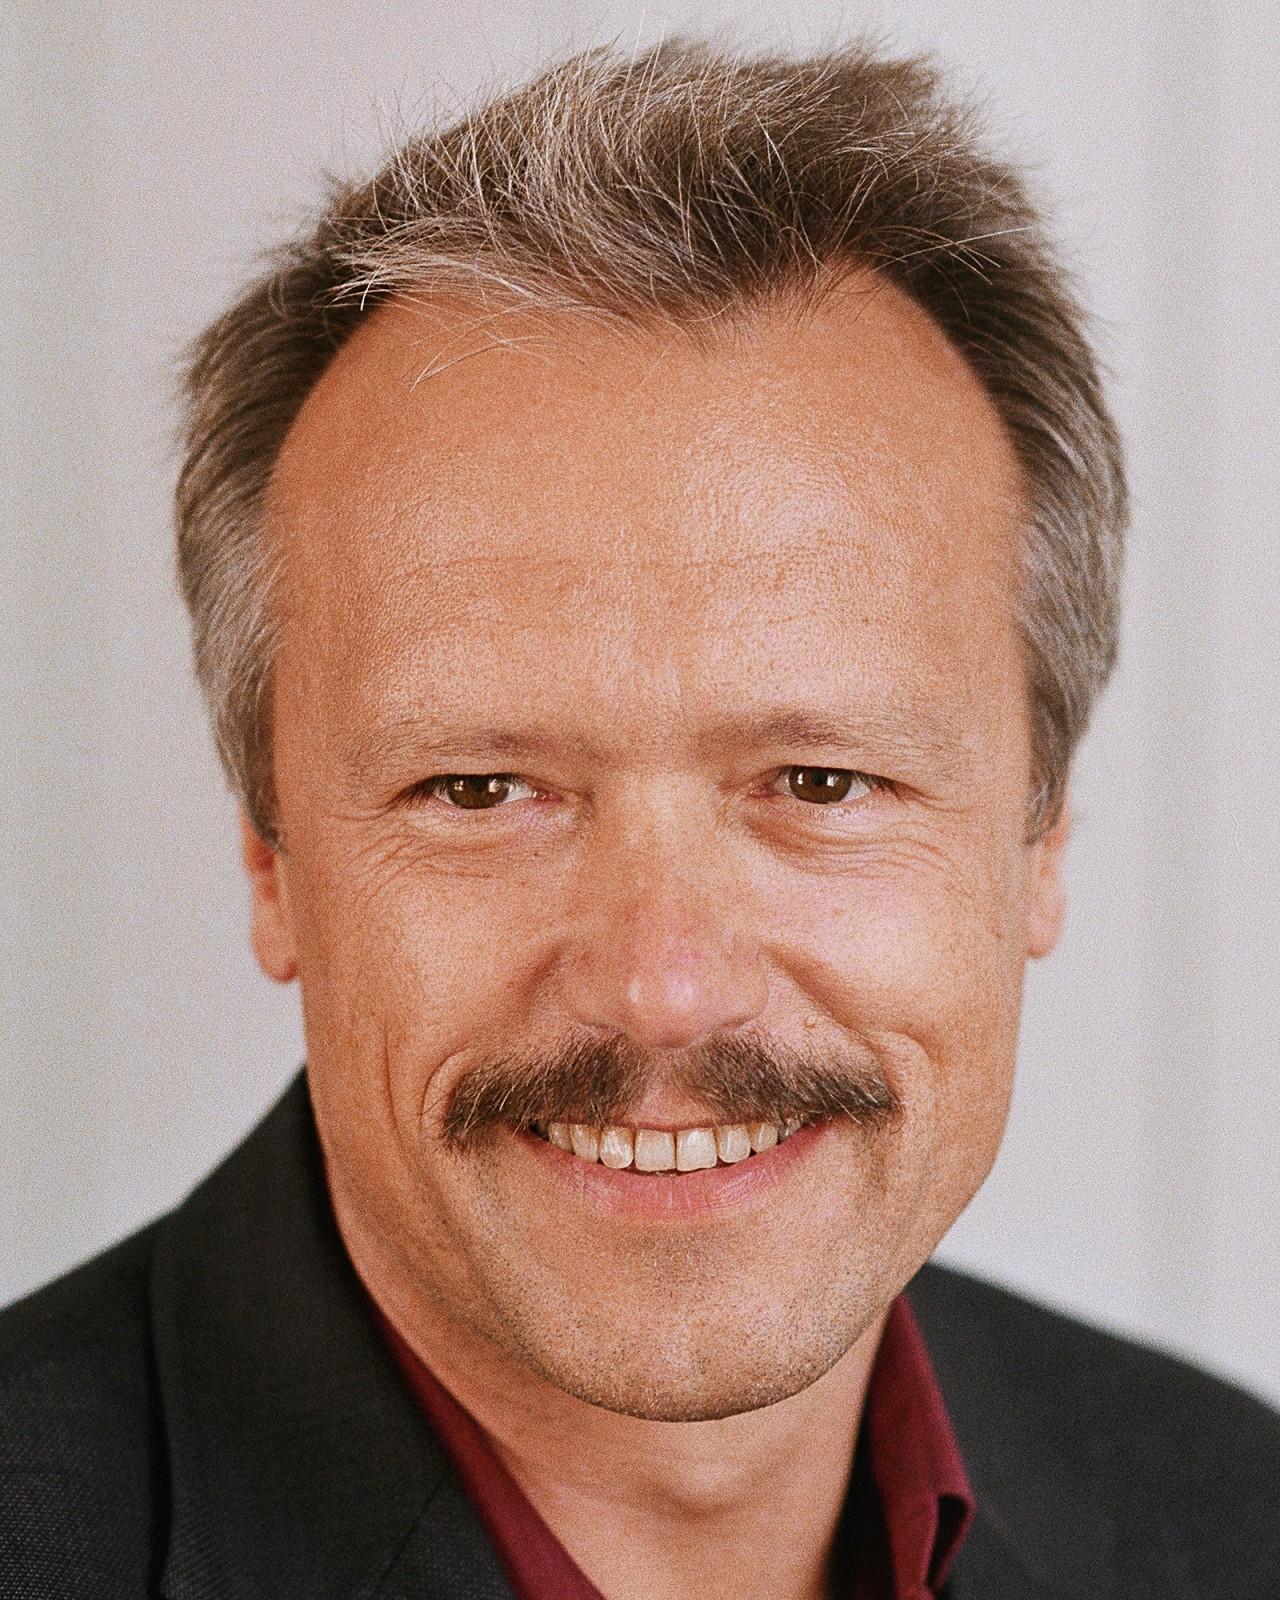 Friedrich Streng